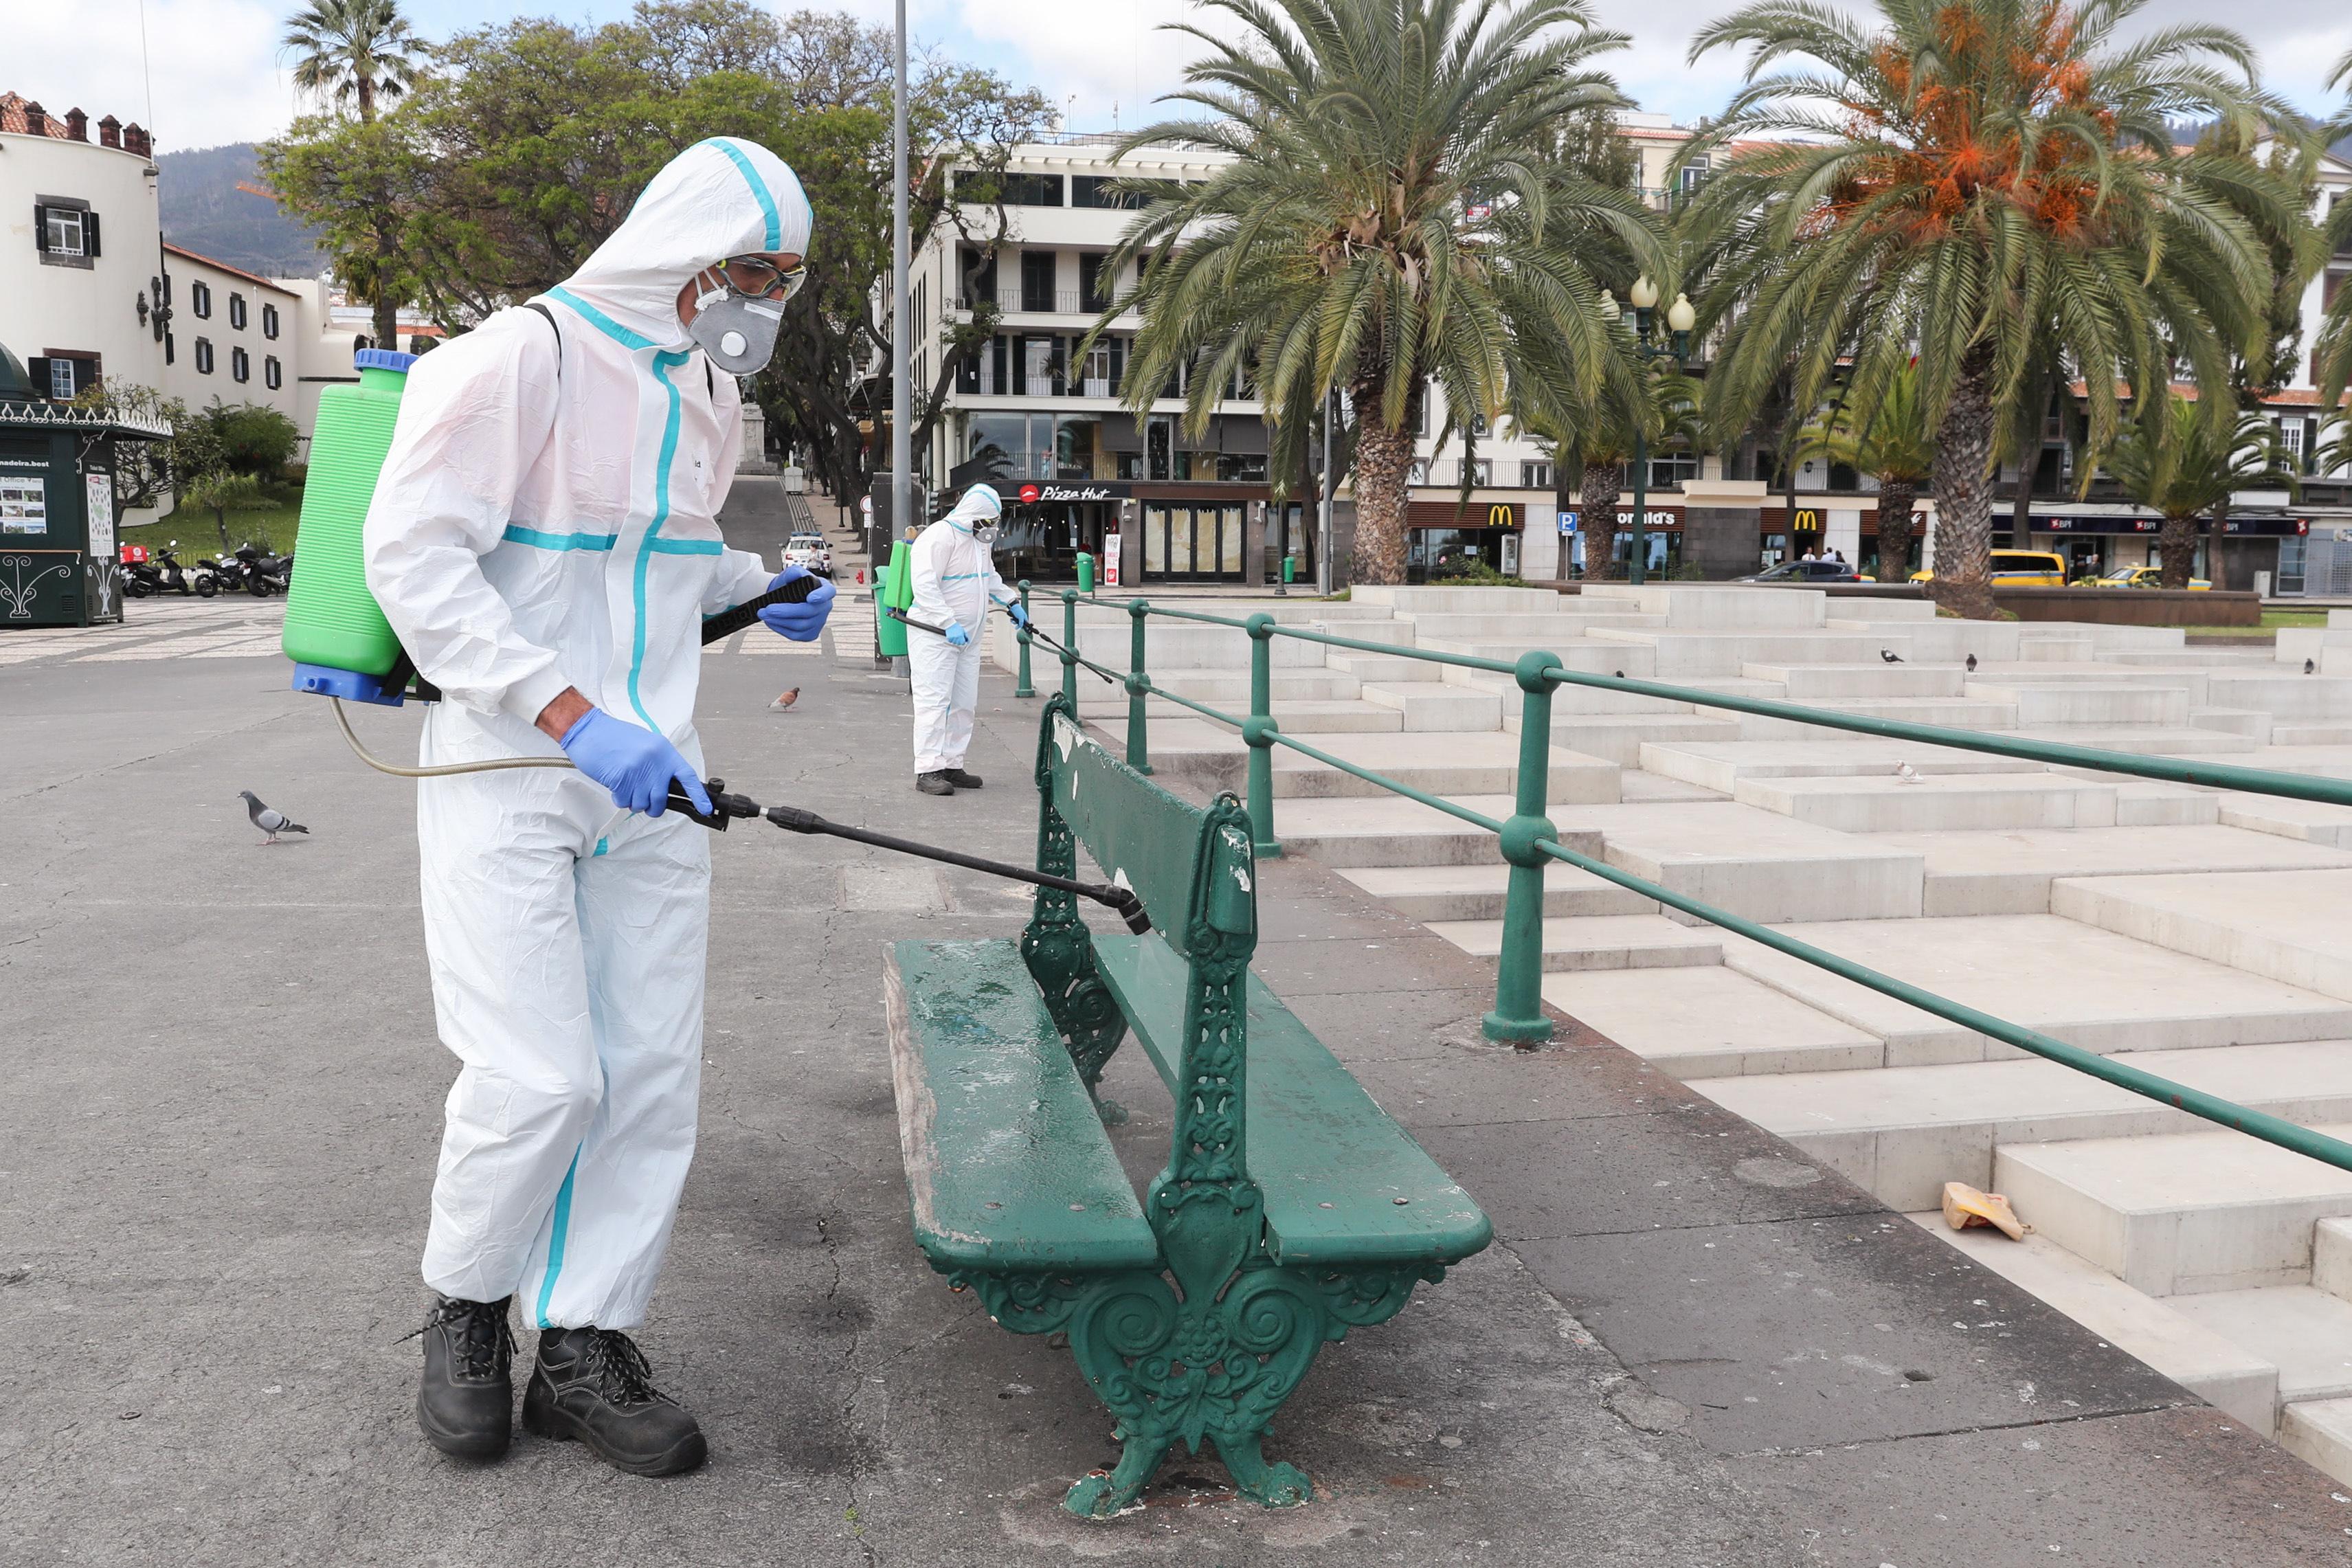 Een foto van een man die een bankje op het eiland Madeira ontsmet